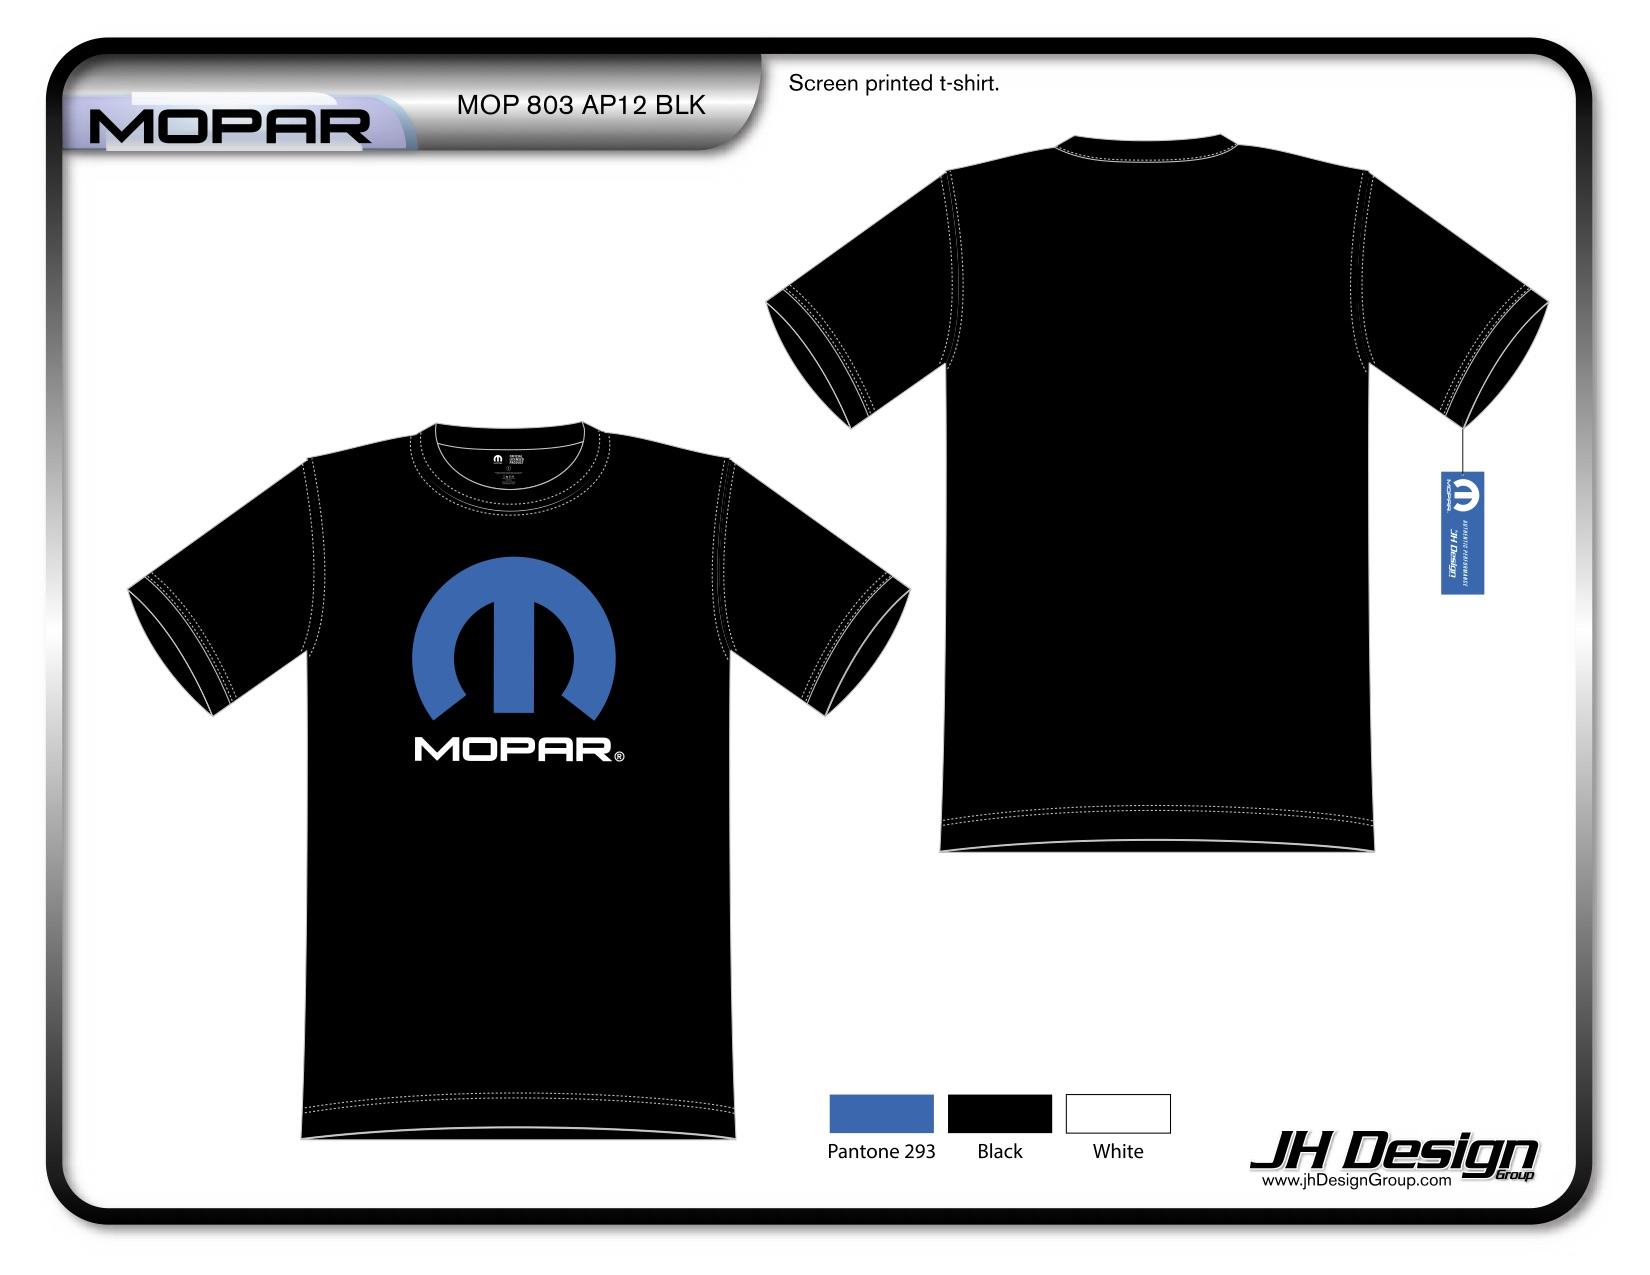 MOP 803 AP12 BLK